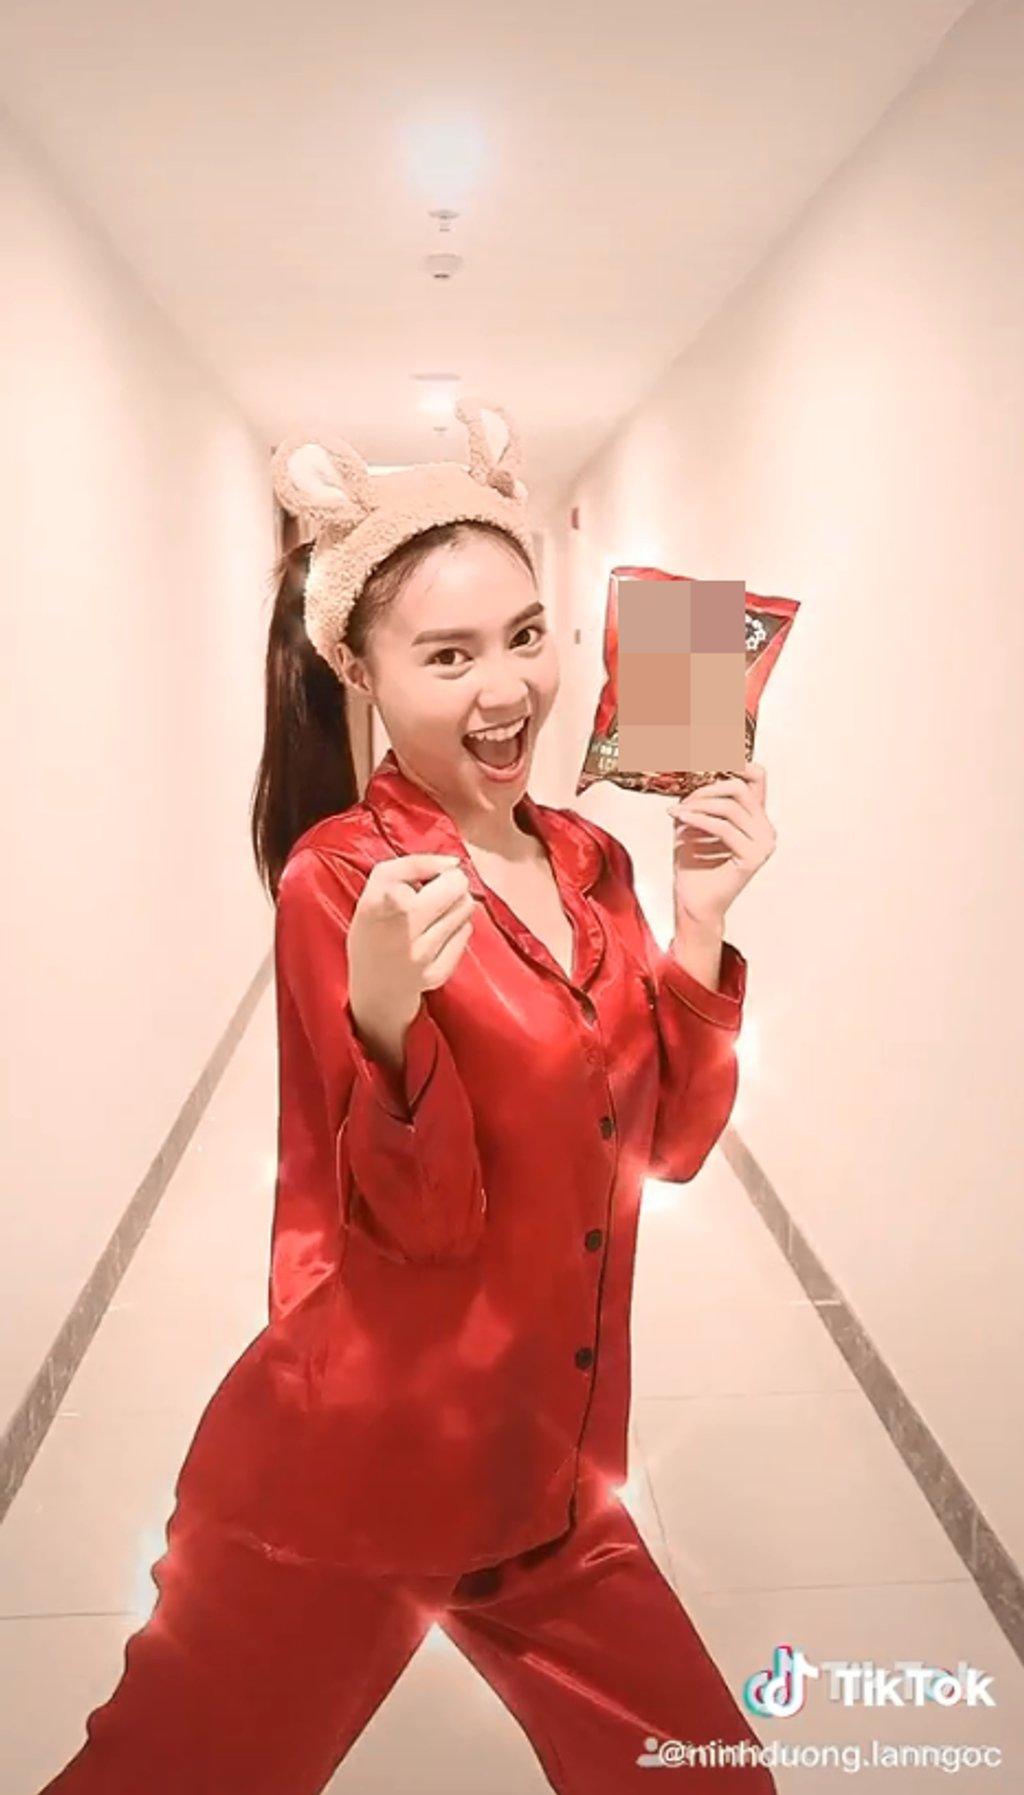 Ninh Dương Lan Ngọc diện váy ngủ lấp ló vòng 1 khiến fan thót tim - 10